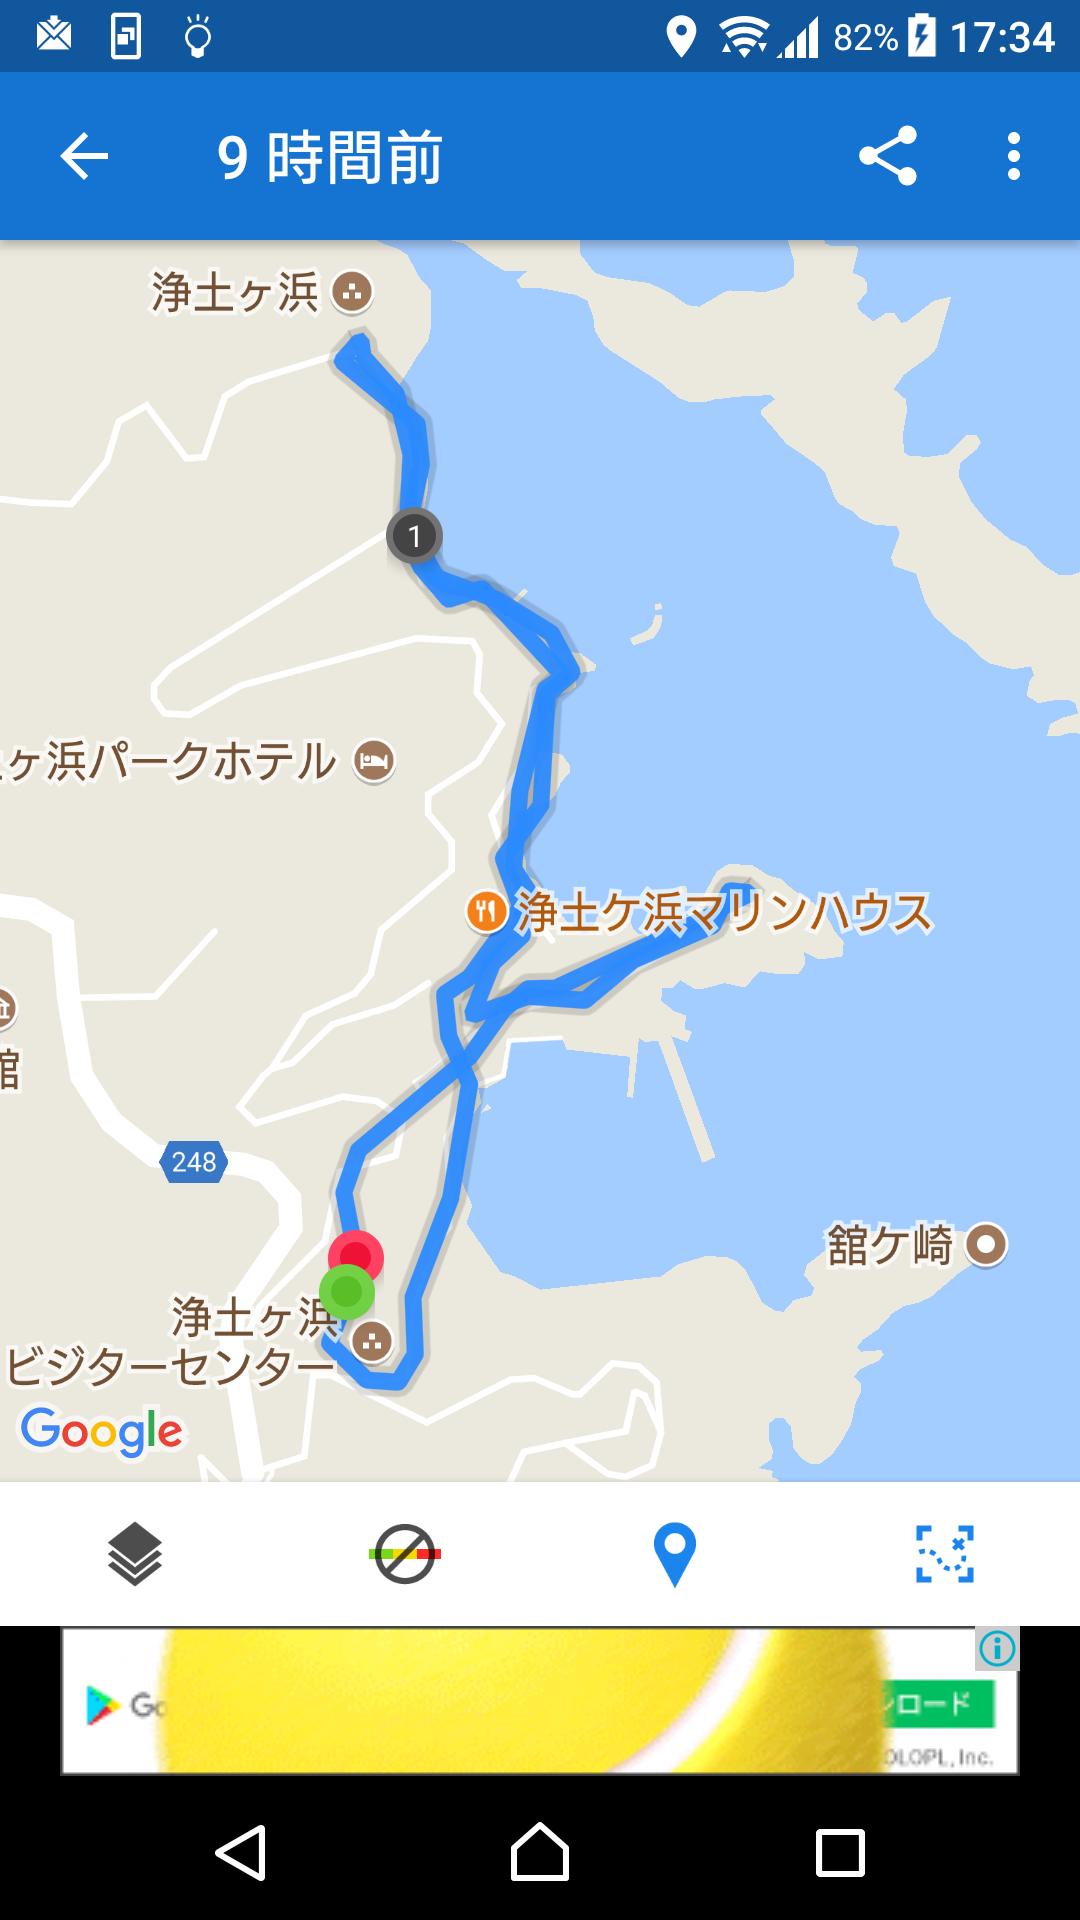 f:id:ynakayama27:20170707174219p:plain